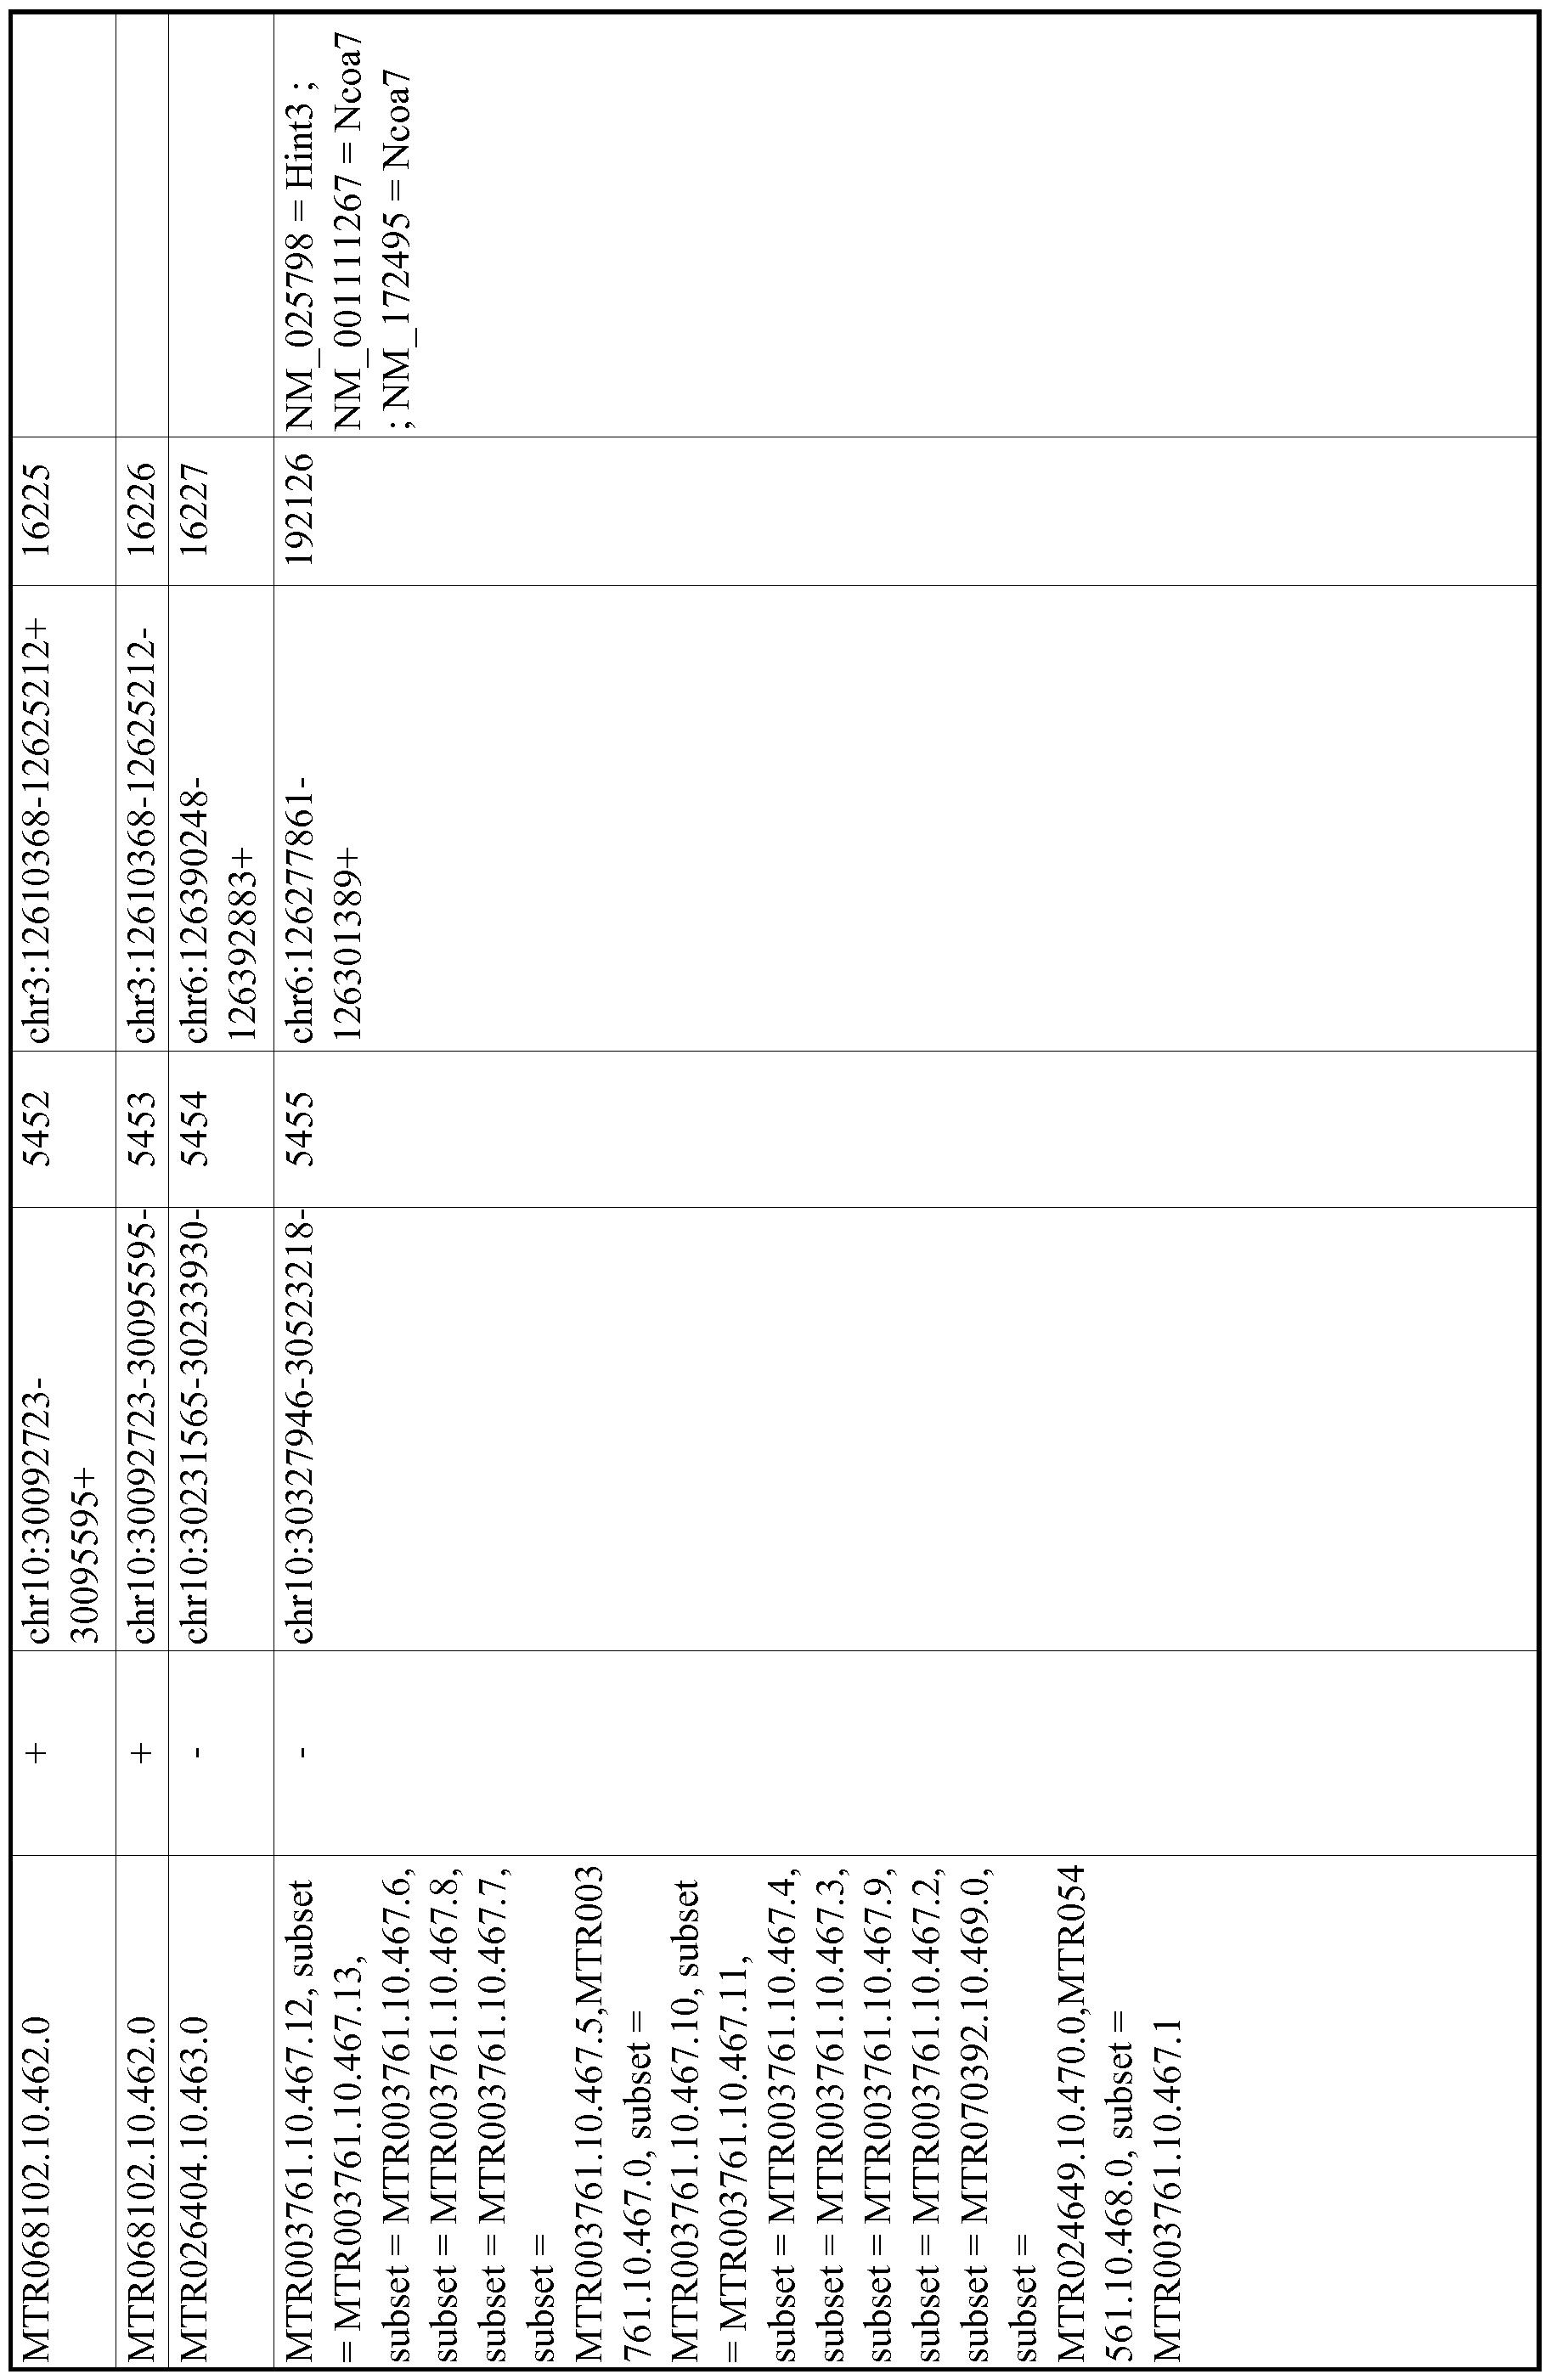 Figure imgf000982_0001